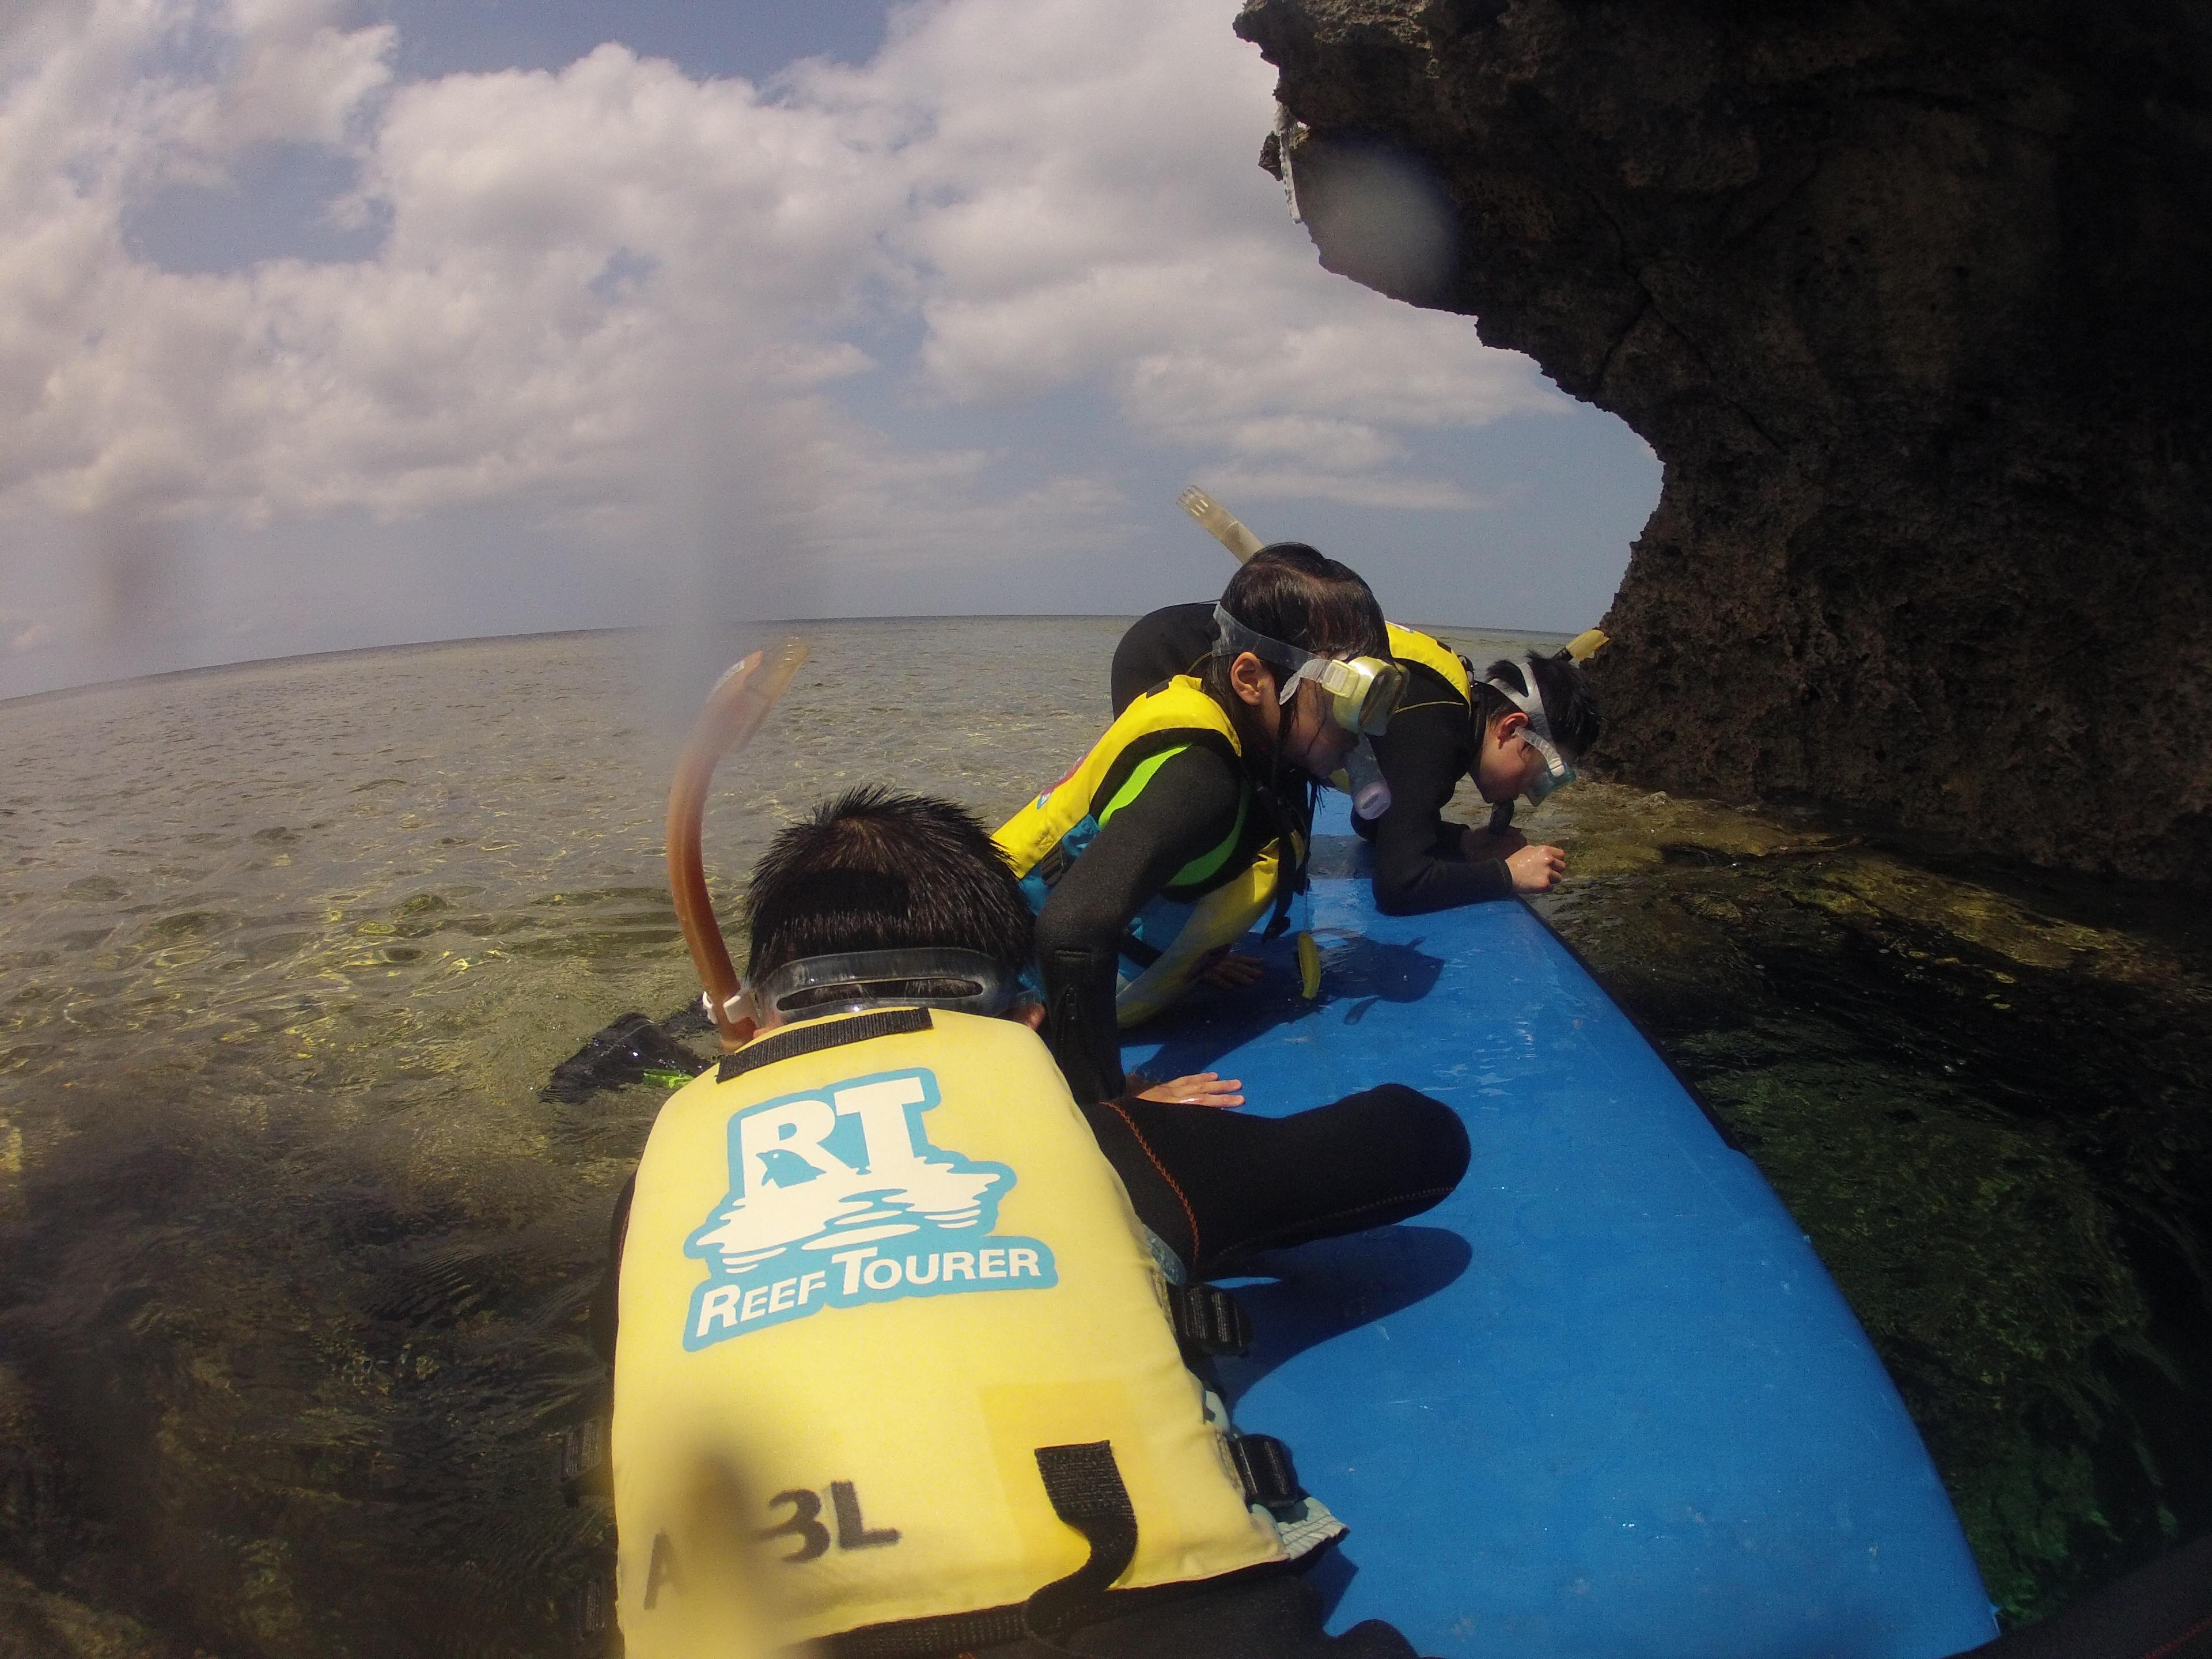 沖縄の簡易クルージングとシュノーケリング